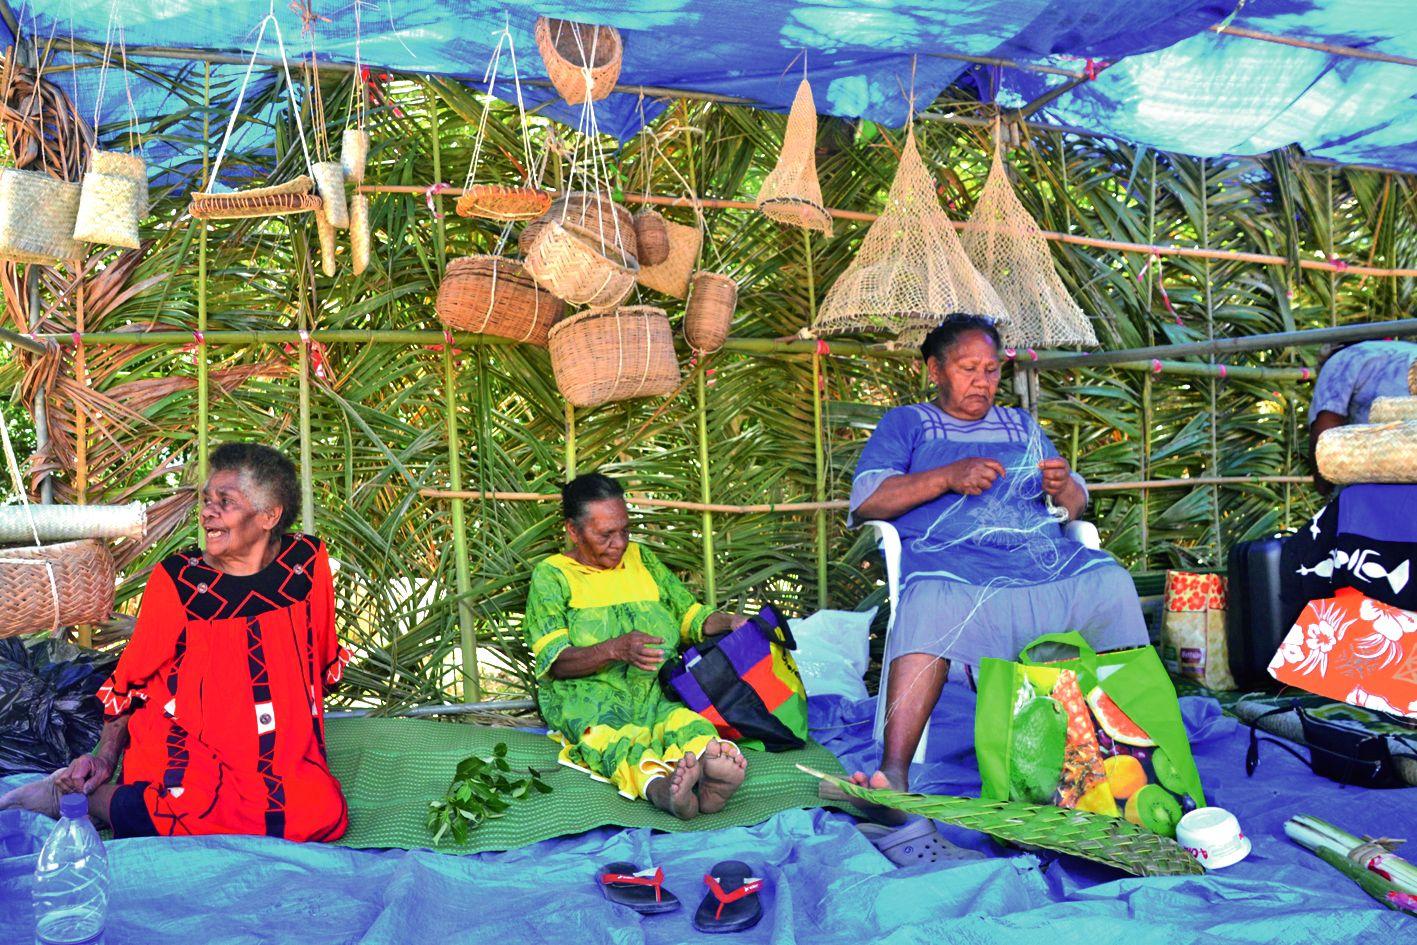 Descendues spécialement de Ouayaguette et de Haut-Coulna, ces femmes ont fait une démonstration de leur savoir-faire : confection de paniers, d'épuisettes ou même de berceau.  Le tout avec des matériaux naturels.